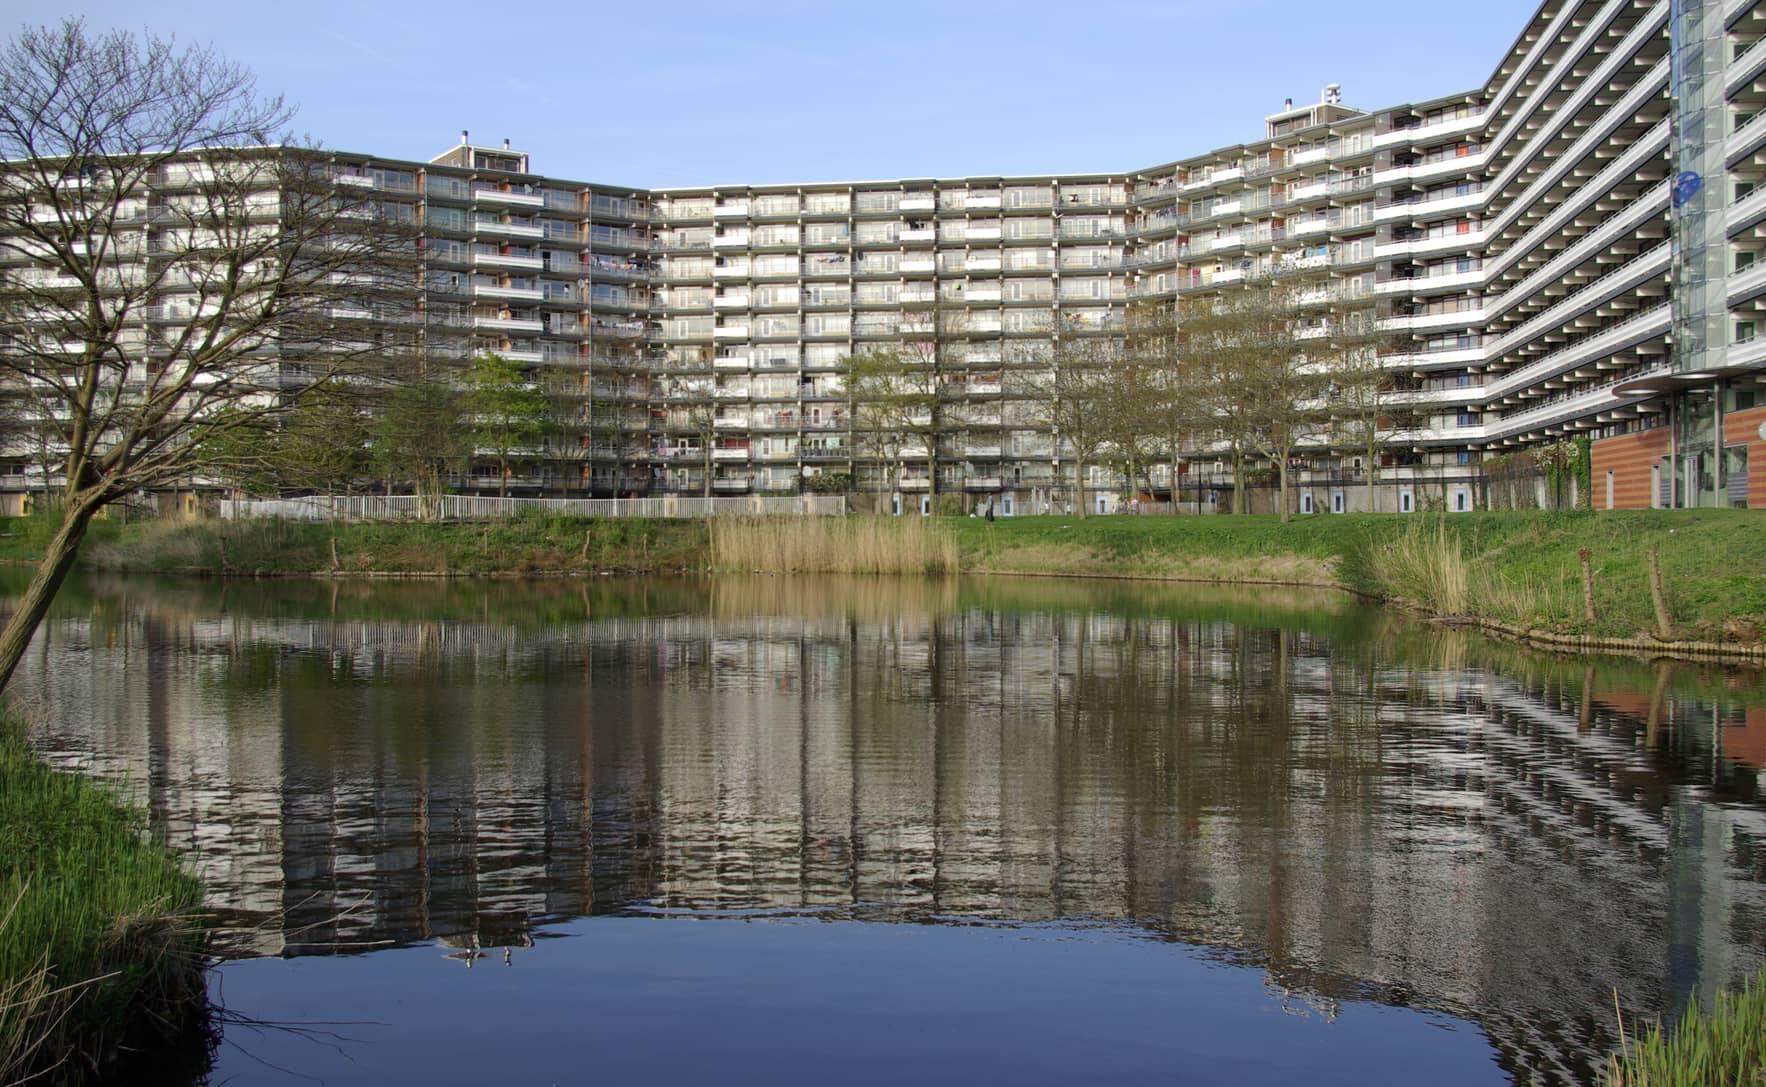 Rijnboutt Academy: Welke invloed heeft de BENG op het ontwerp?